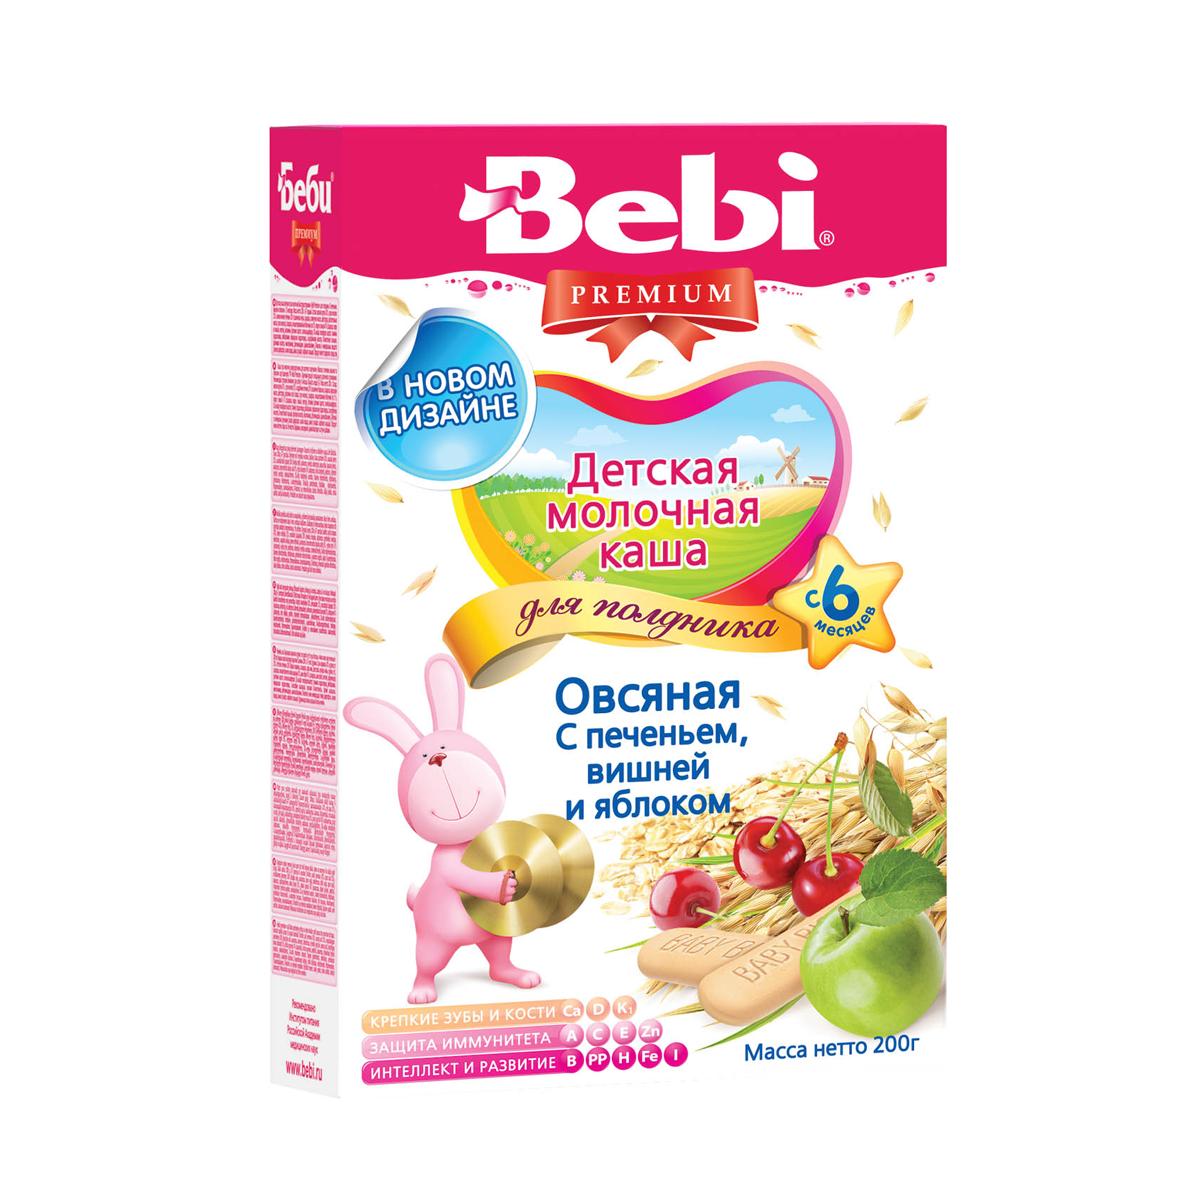 Каша Bebi молочная для полдника 200 гр Овсяная с печеньем вишней и яблоком (с 6 мес)<br>